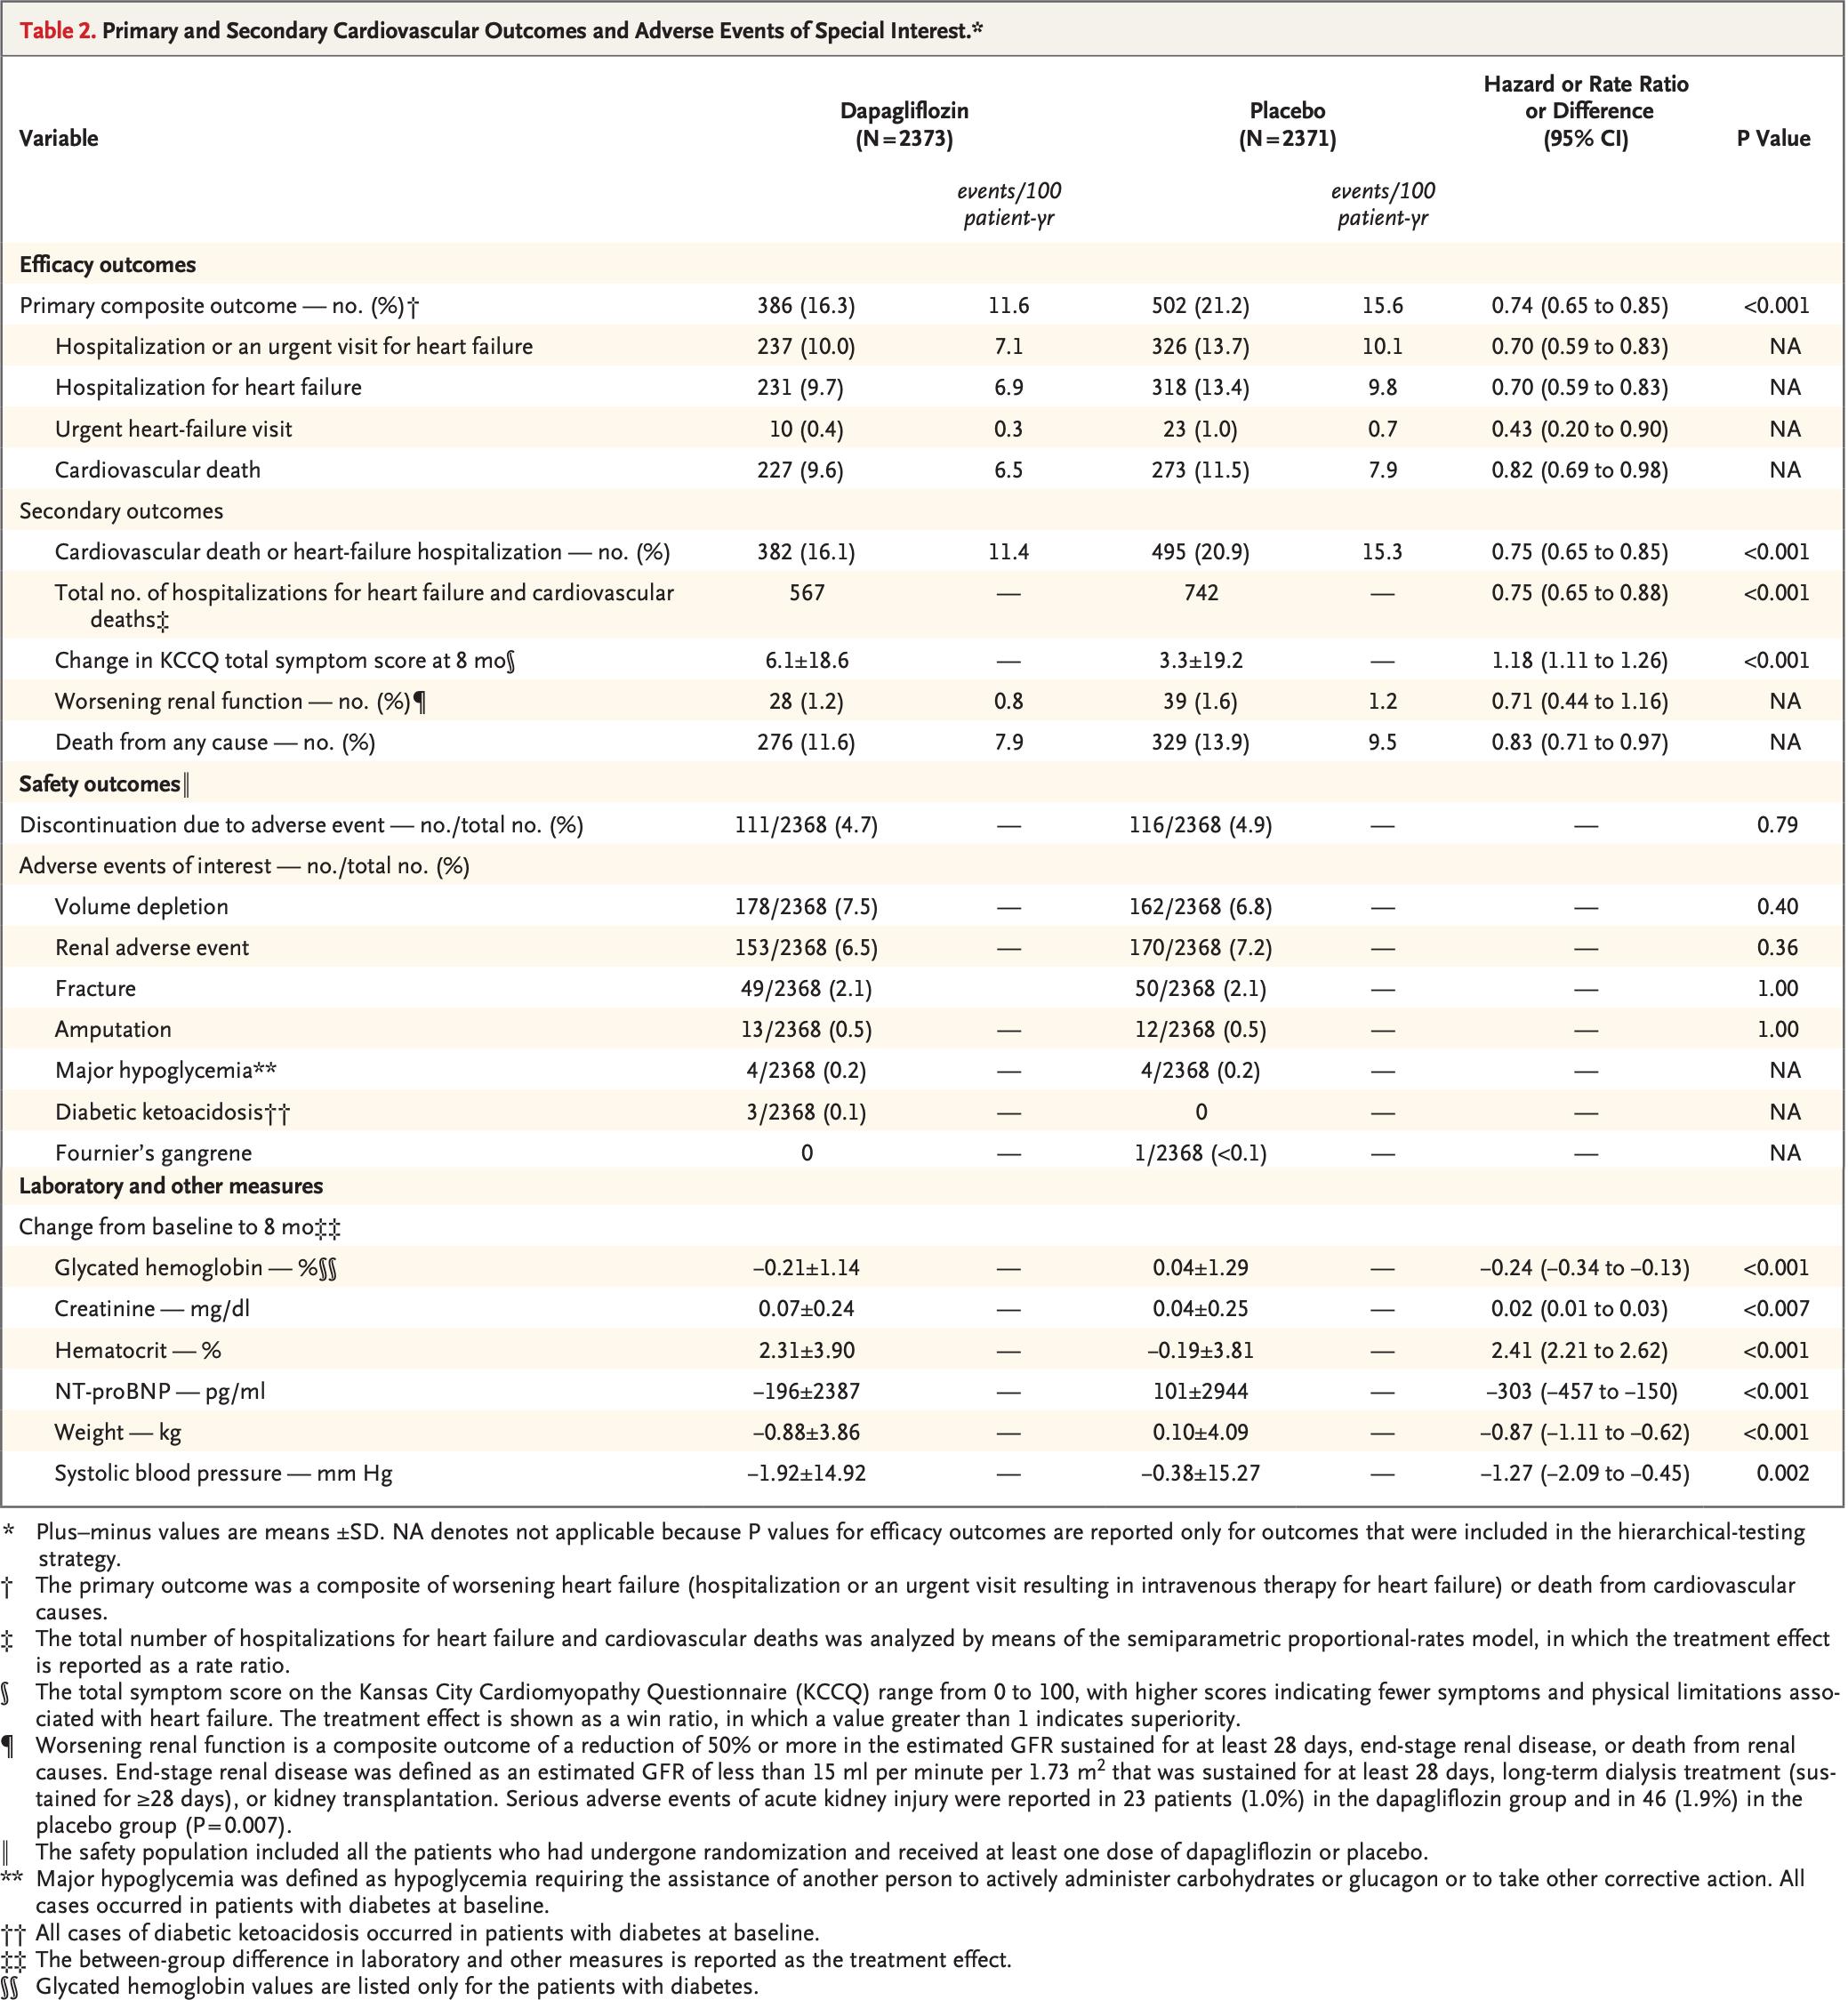 nct 03036124 results 01 - «Форсига»: новый препарат для лечения хронической сердечной недостаточности